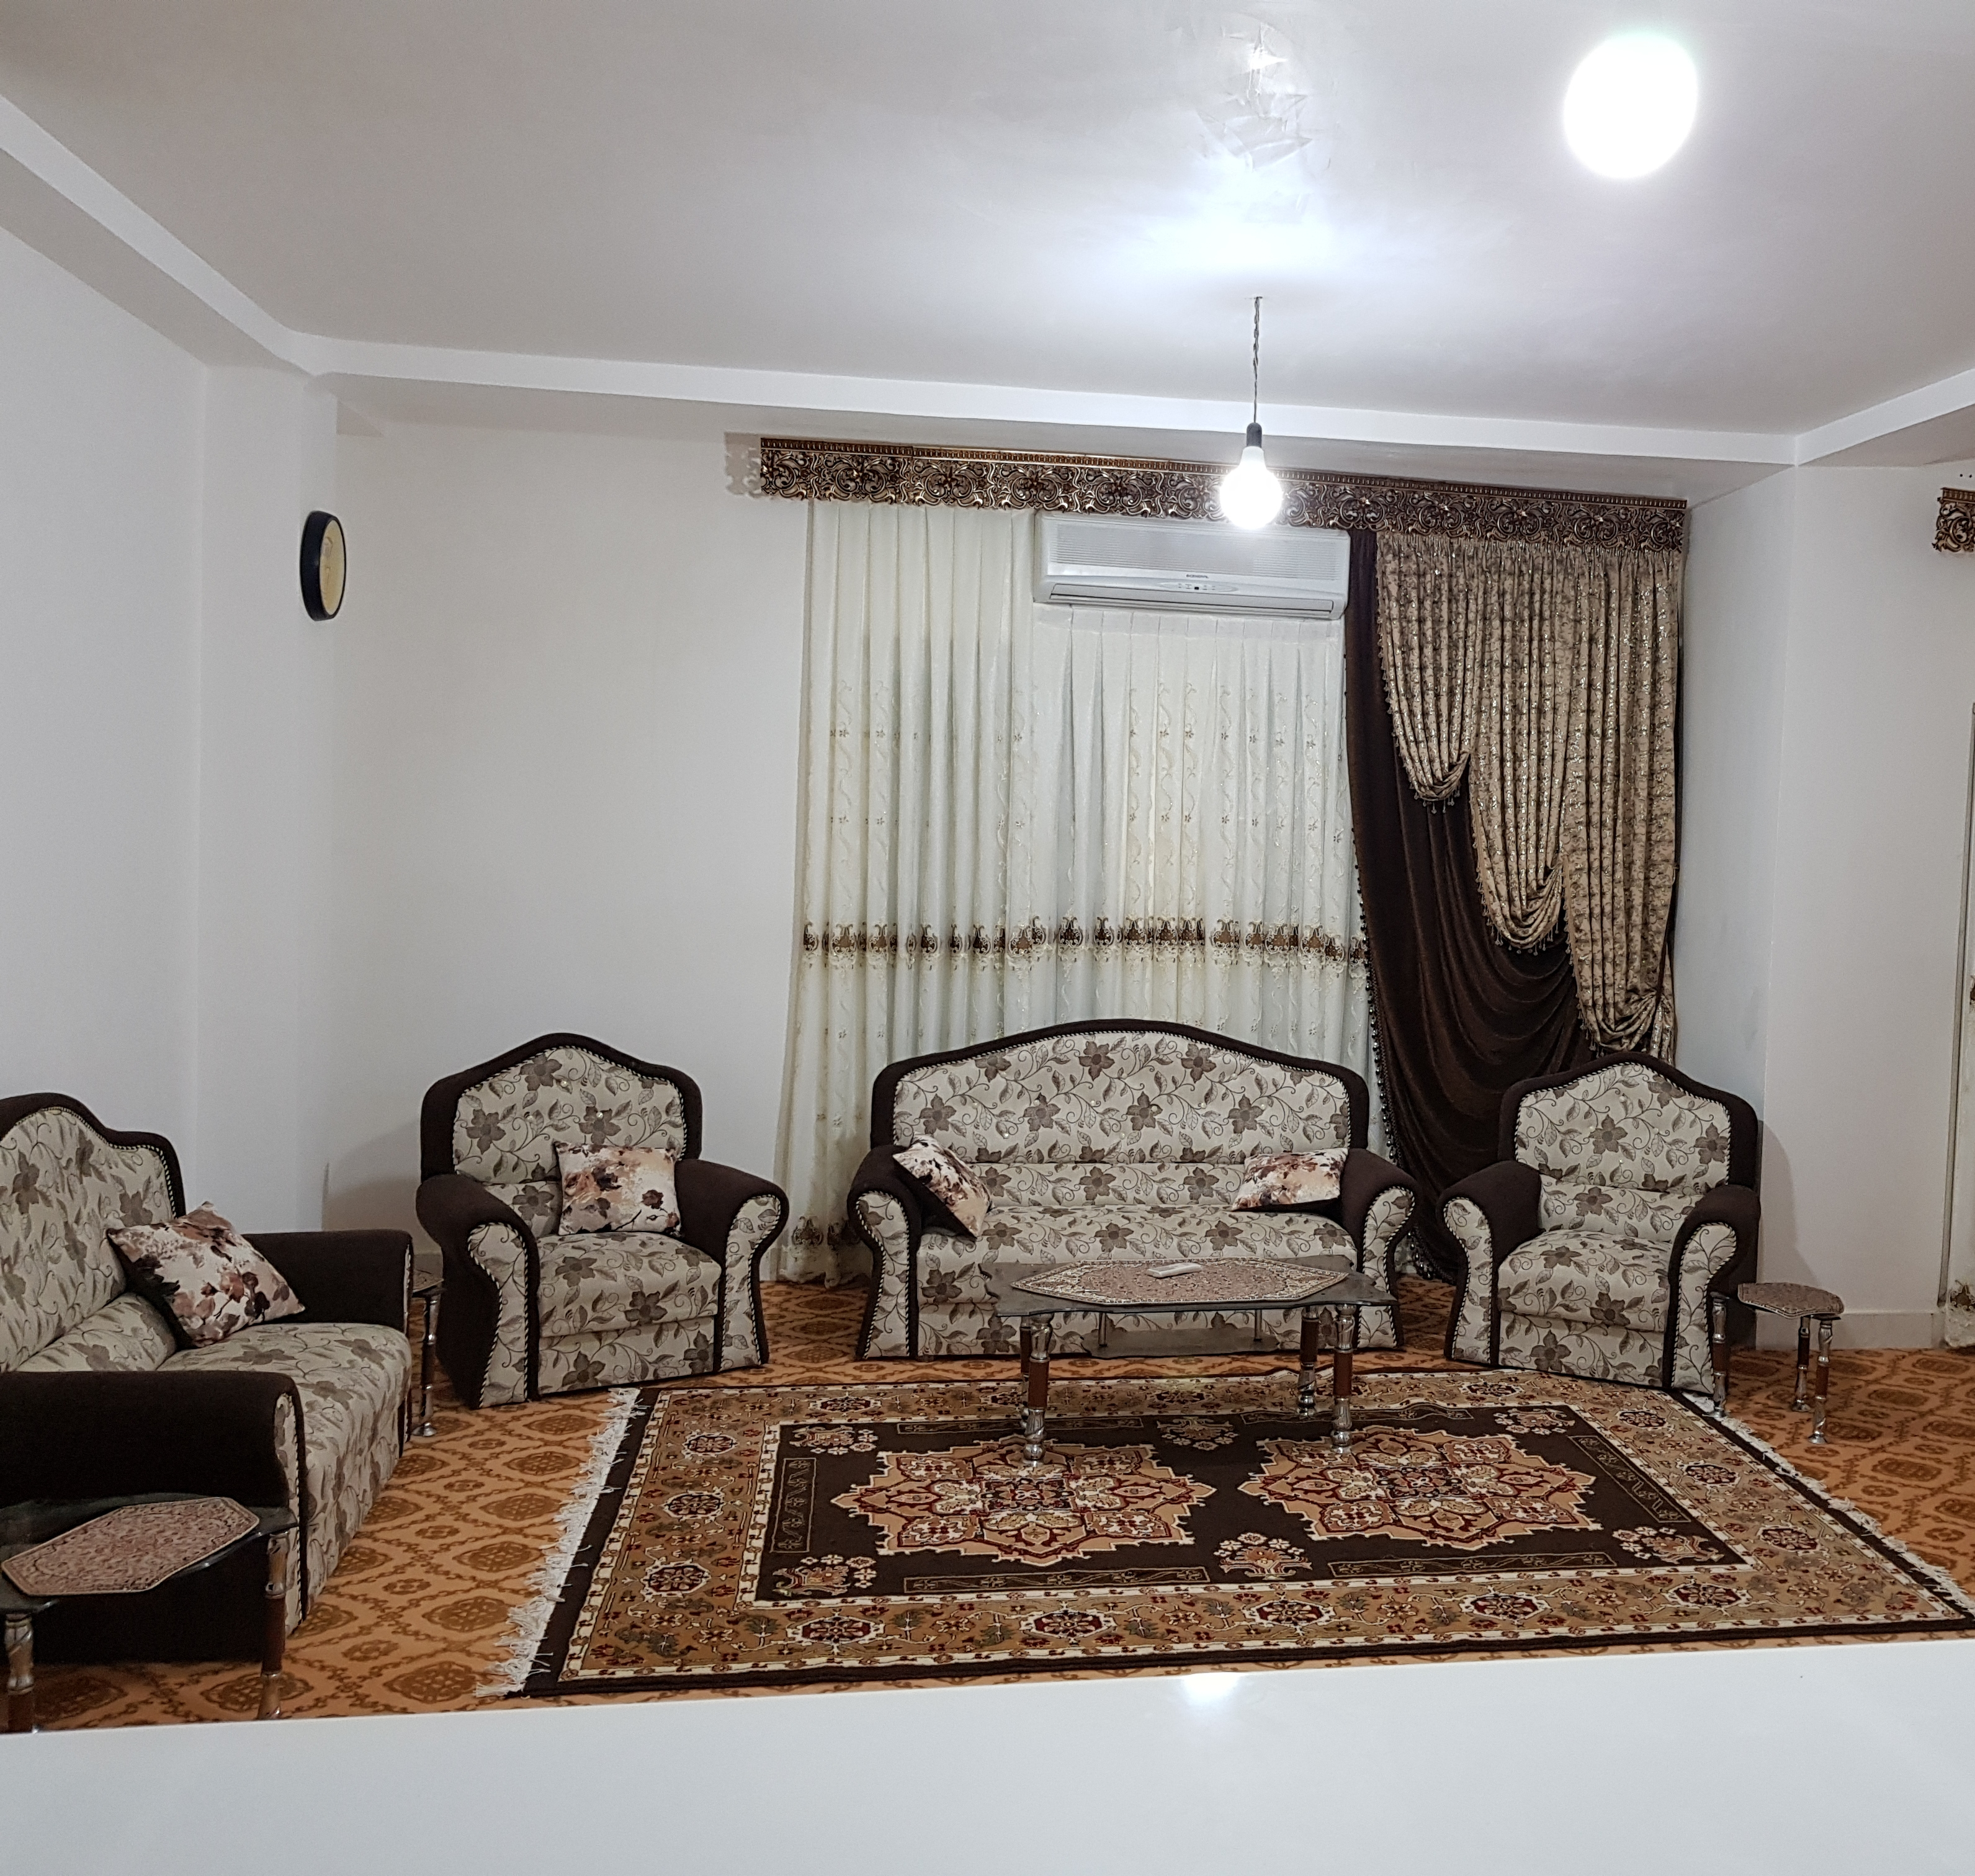 منزل مبله شیک و نوساز و نزدیک به دریا بوشهر